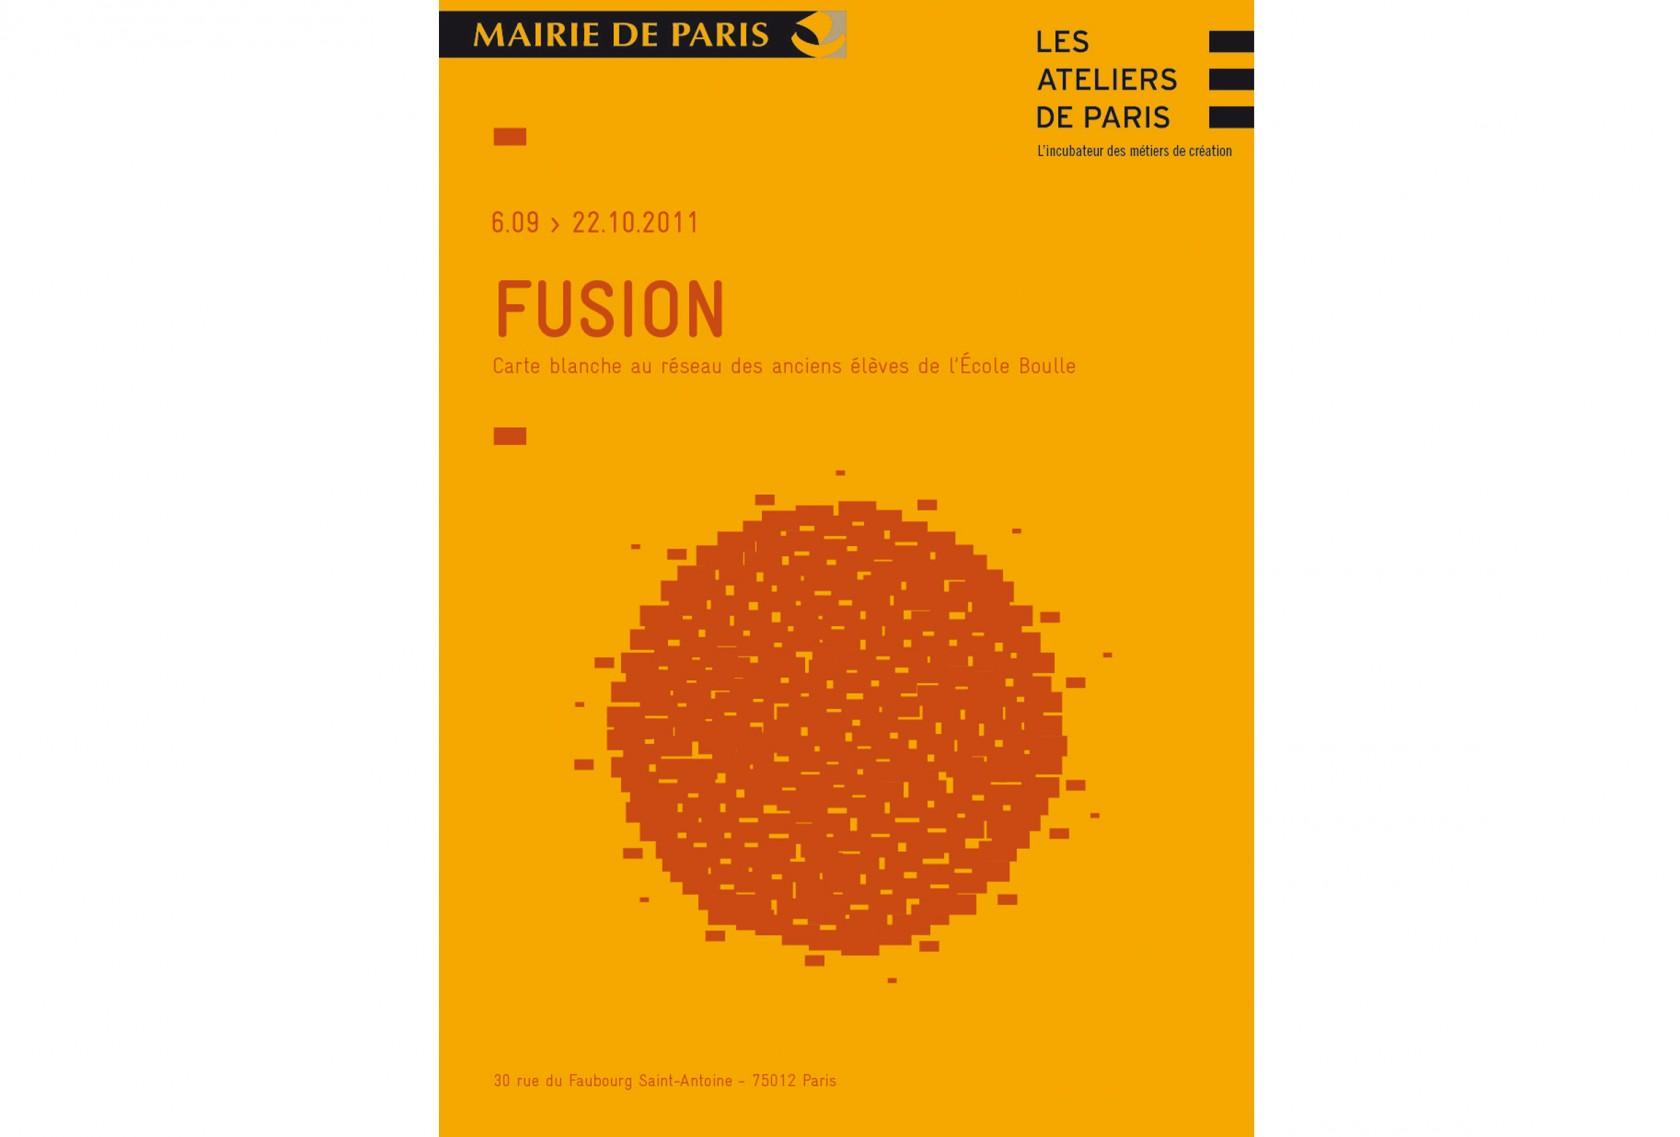 Ludovic AVENEL : ébéniste créateur -  Ludovic_Avenel_news_fusion_carte_blanche_école_boule_ebeniste_créateur_design_sur mesure_1